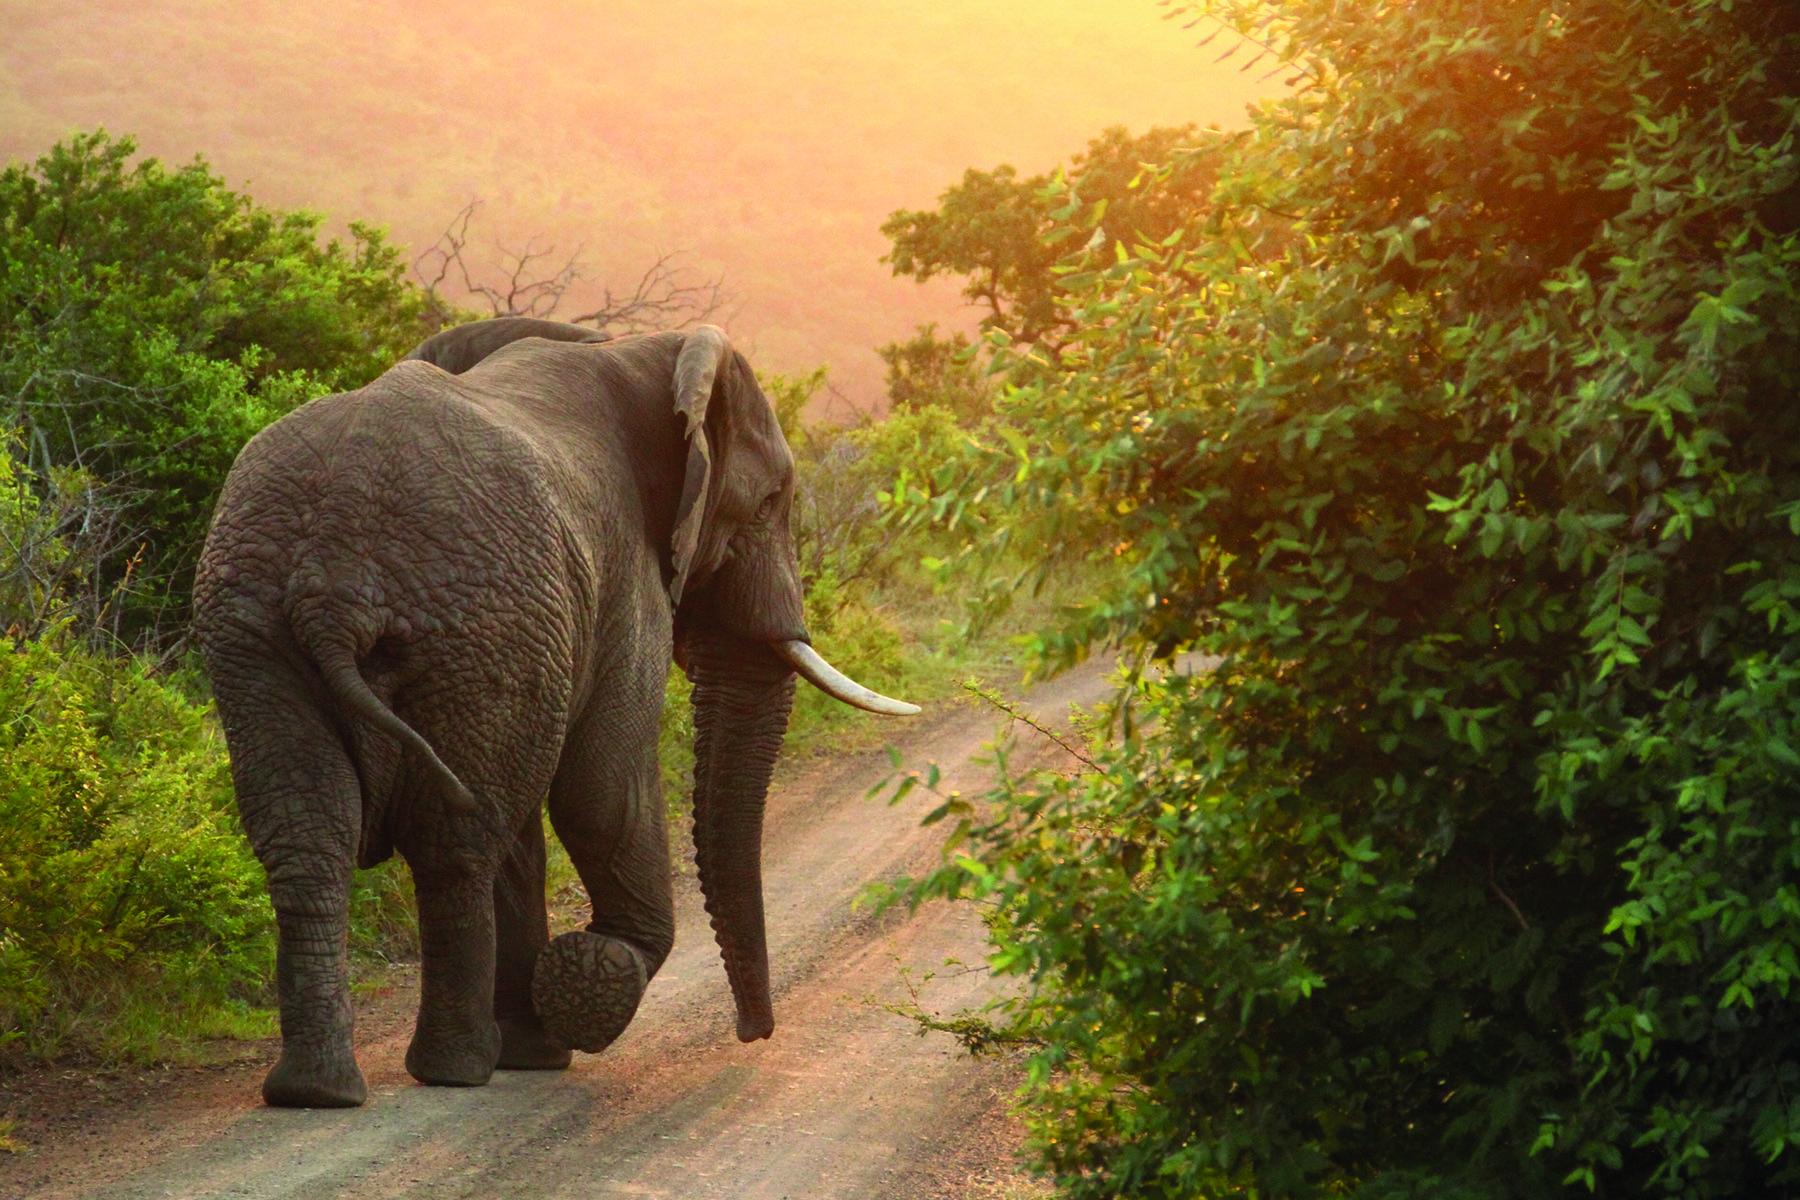 Elefant som går på väg med värdighet